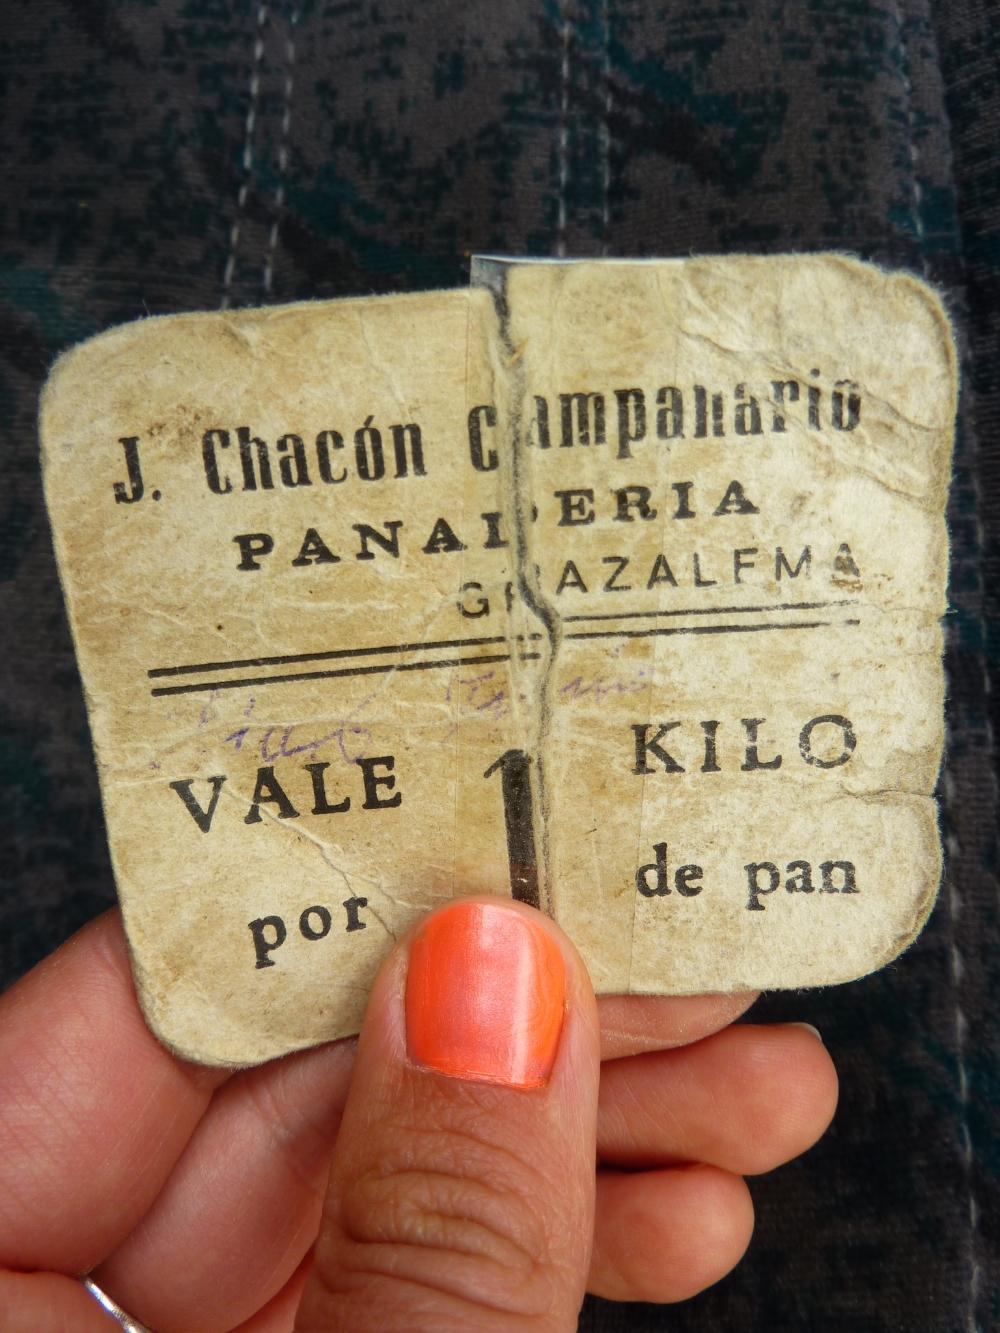 Brödbiljetter används fortfarande istället för pengar